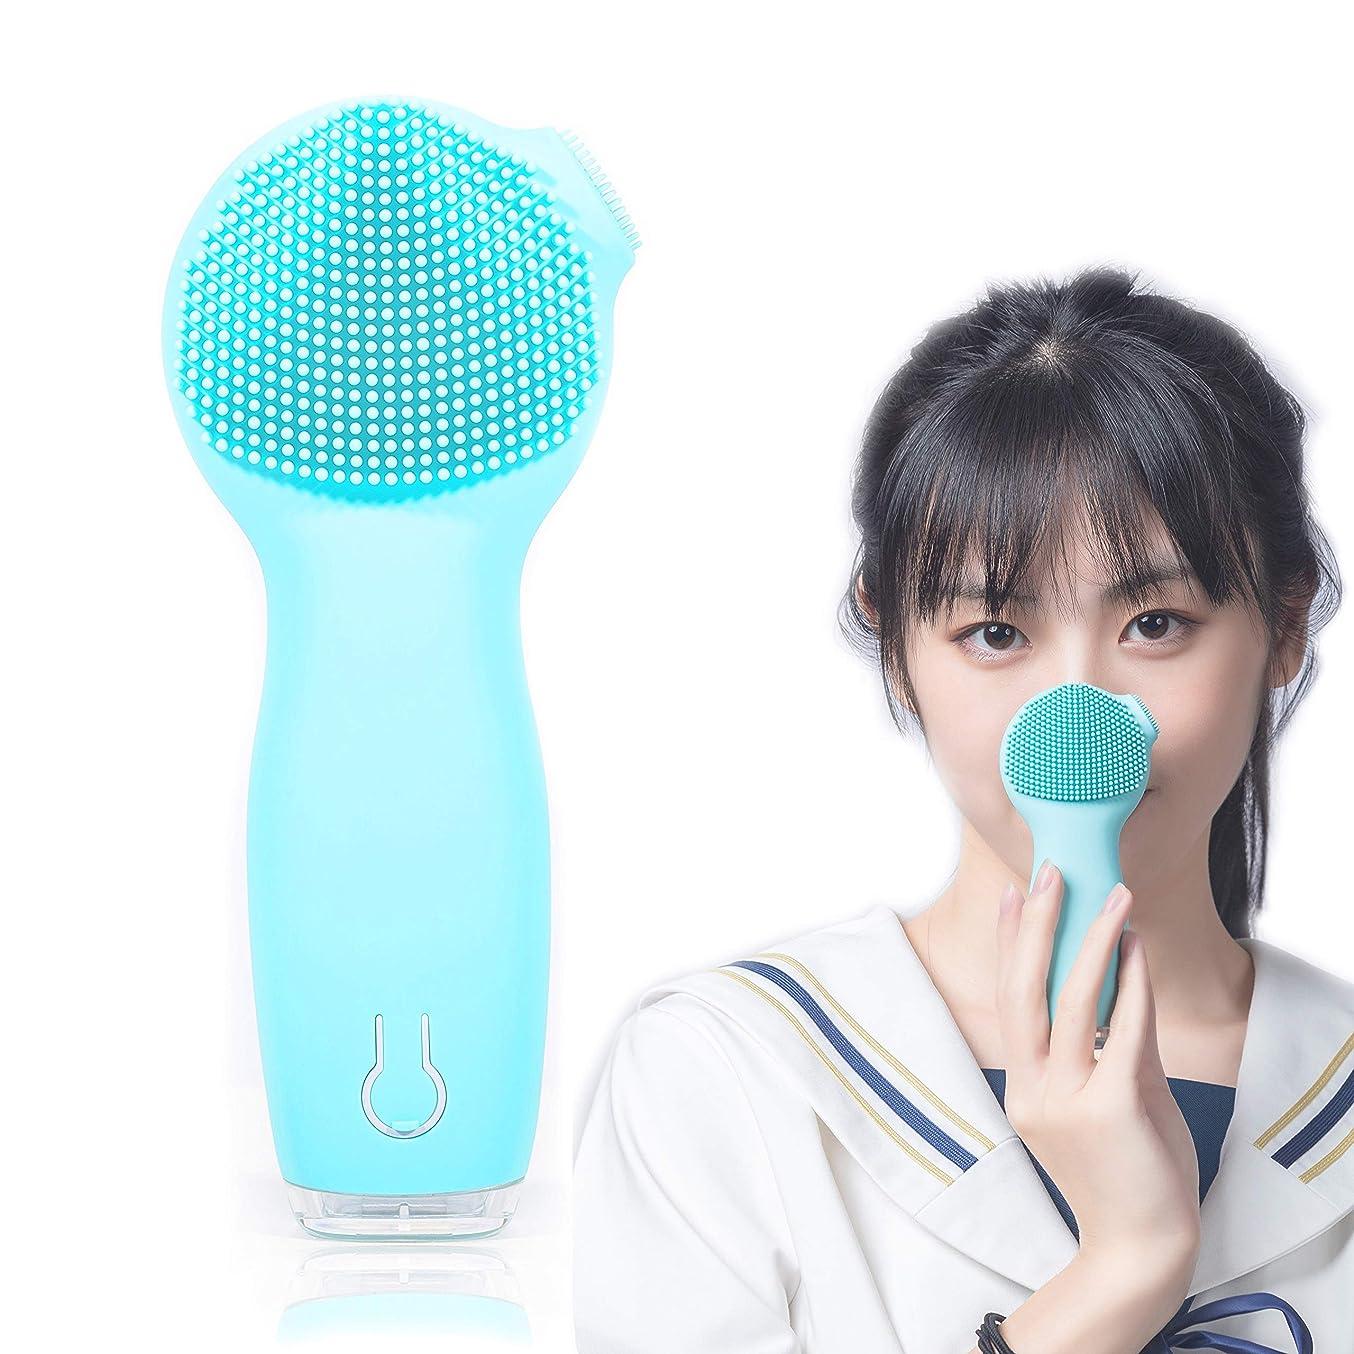 豊富な競う富洗顔ブラシ 音波電動 UGS優肌詩 二つ振動モード 3段階スピード調節 日本語取扱書付 シリコン 毛穴すっきり ダブル電動洗顔器 IPX7防水 角質除去 透明肌へ (ブルー)